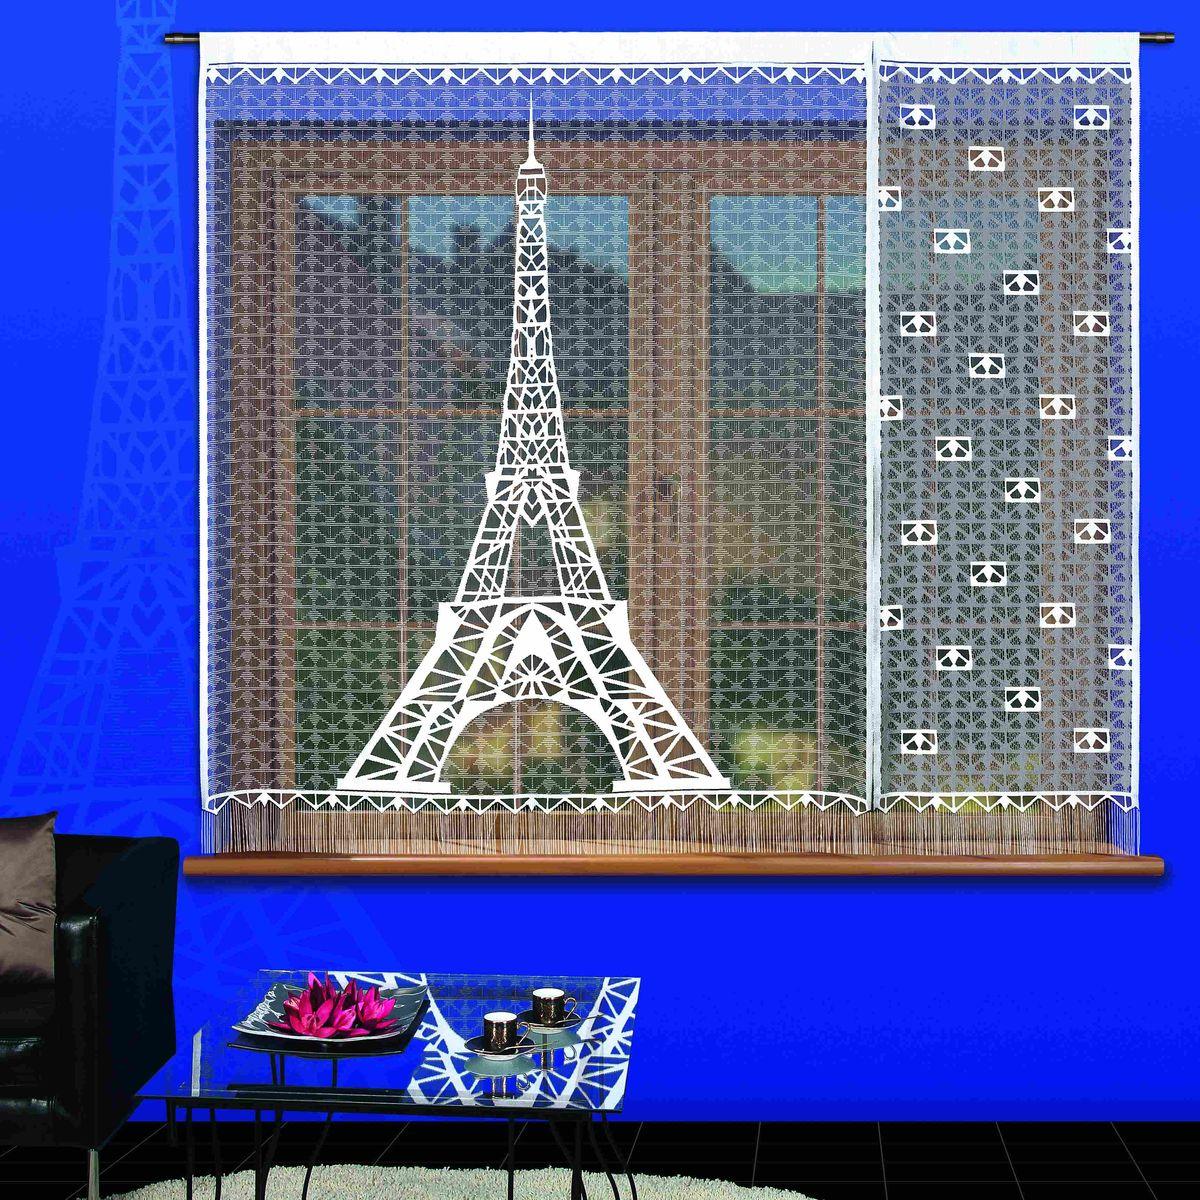 Гардина-панно Wisan Paryz, цвет: белый, черный, высота 180 см, 2 шт3353Воздушная гардина-панно Wisan Paryz, изготовленная из полиэстера, станет великолепным украшением любого окна. Изделие состоит из двух частей. Оригинальный принт в виде Эйфелевой башни и приятная цветовая гамма привлекут к себе внимание и органично впишутся в интерьер комнаты. Снизу гардина оформлена бахромой.Верхняя часть гардины не оснащена креплениями.Размер частей панно: 150 см х 180 см, 60 см х 180 см.